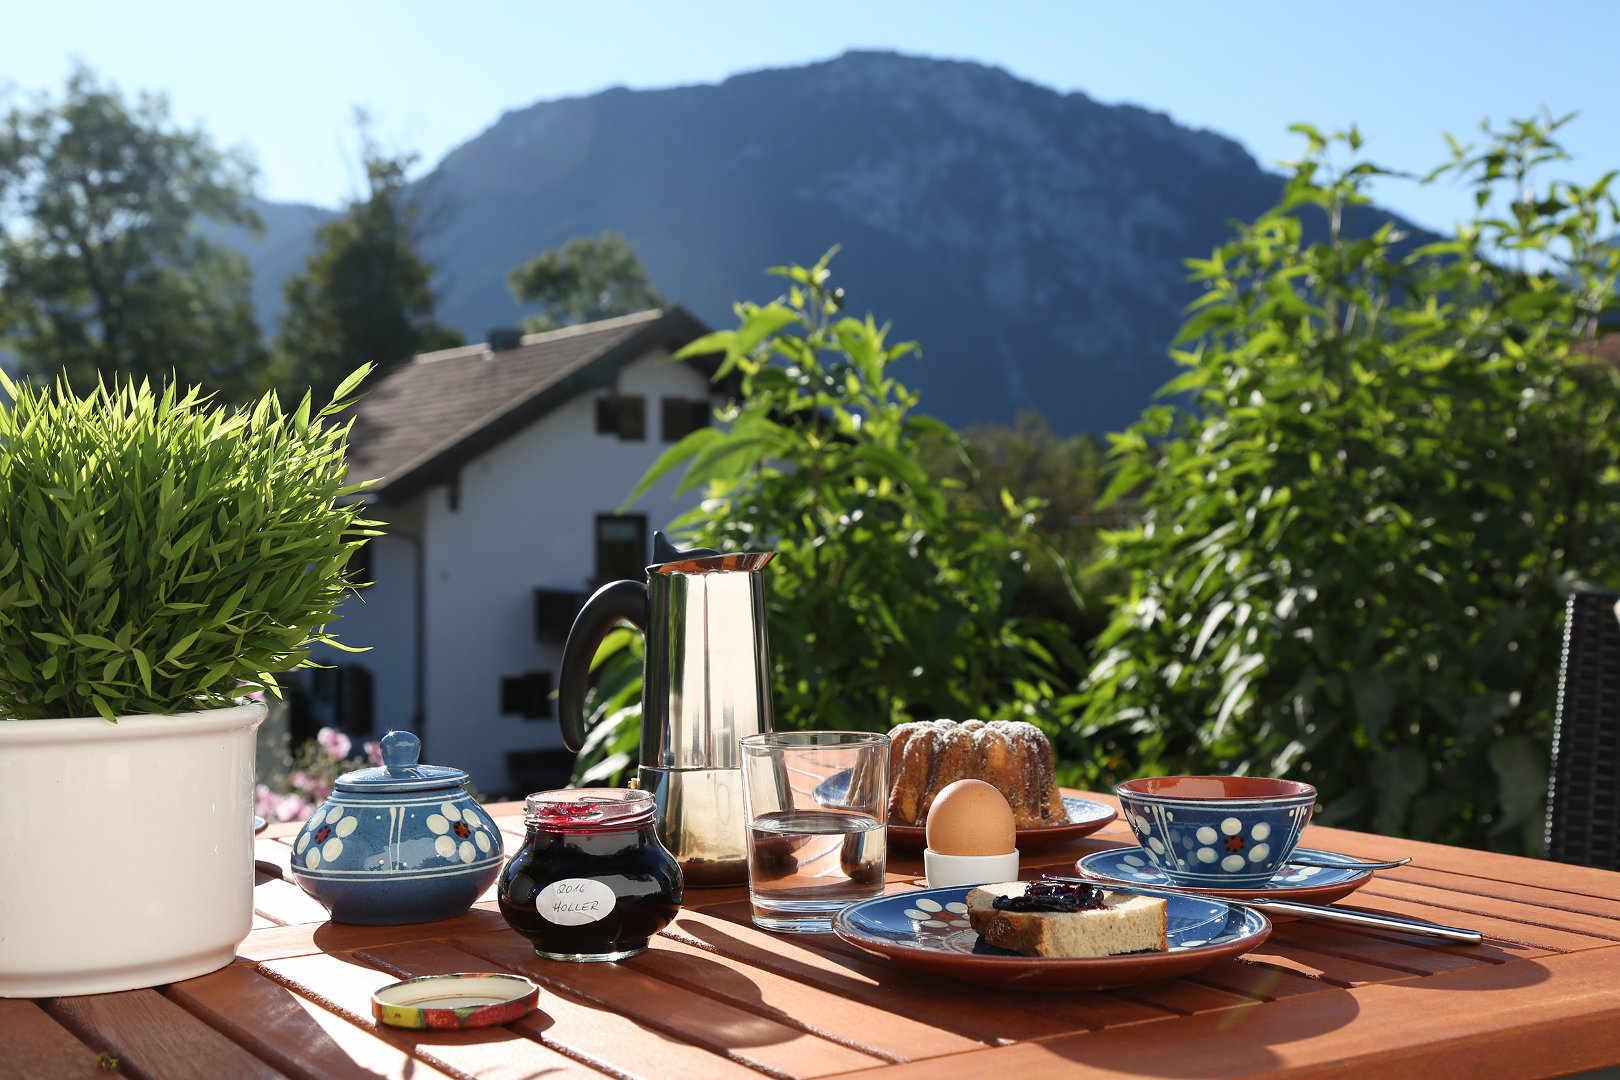 Outdoorküche Klappbar Vergleich : Outdoor küche balkon. beistelltisch weiß küche spritzschutz kleben